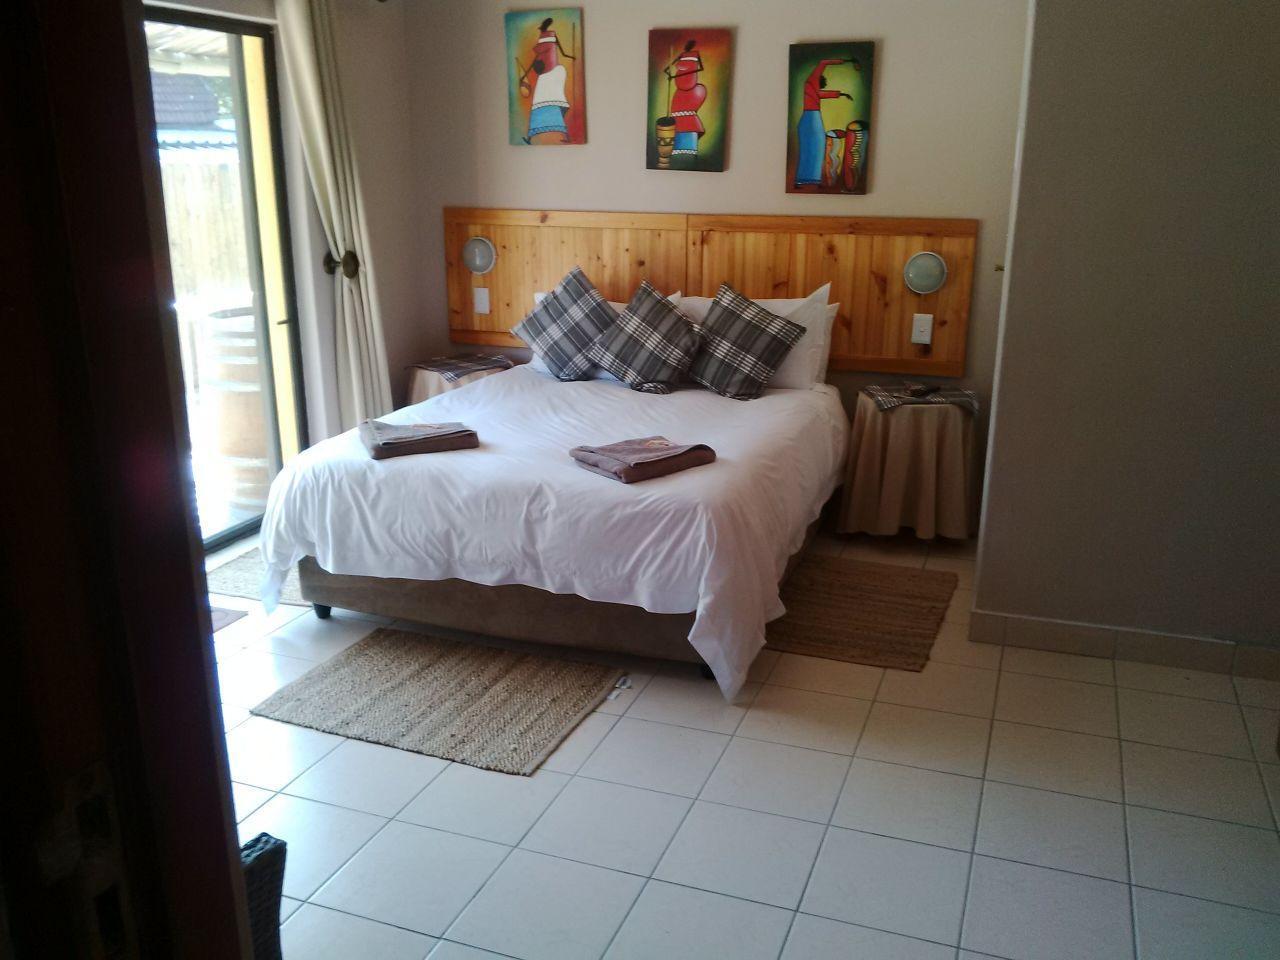 Flintstones Guest House Cape Town, City of Cape Town